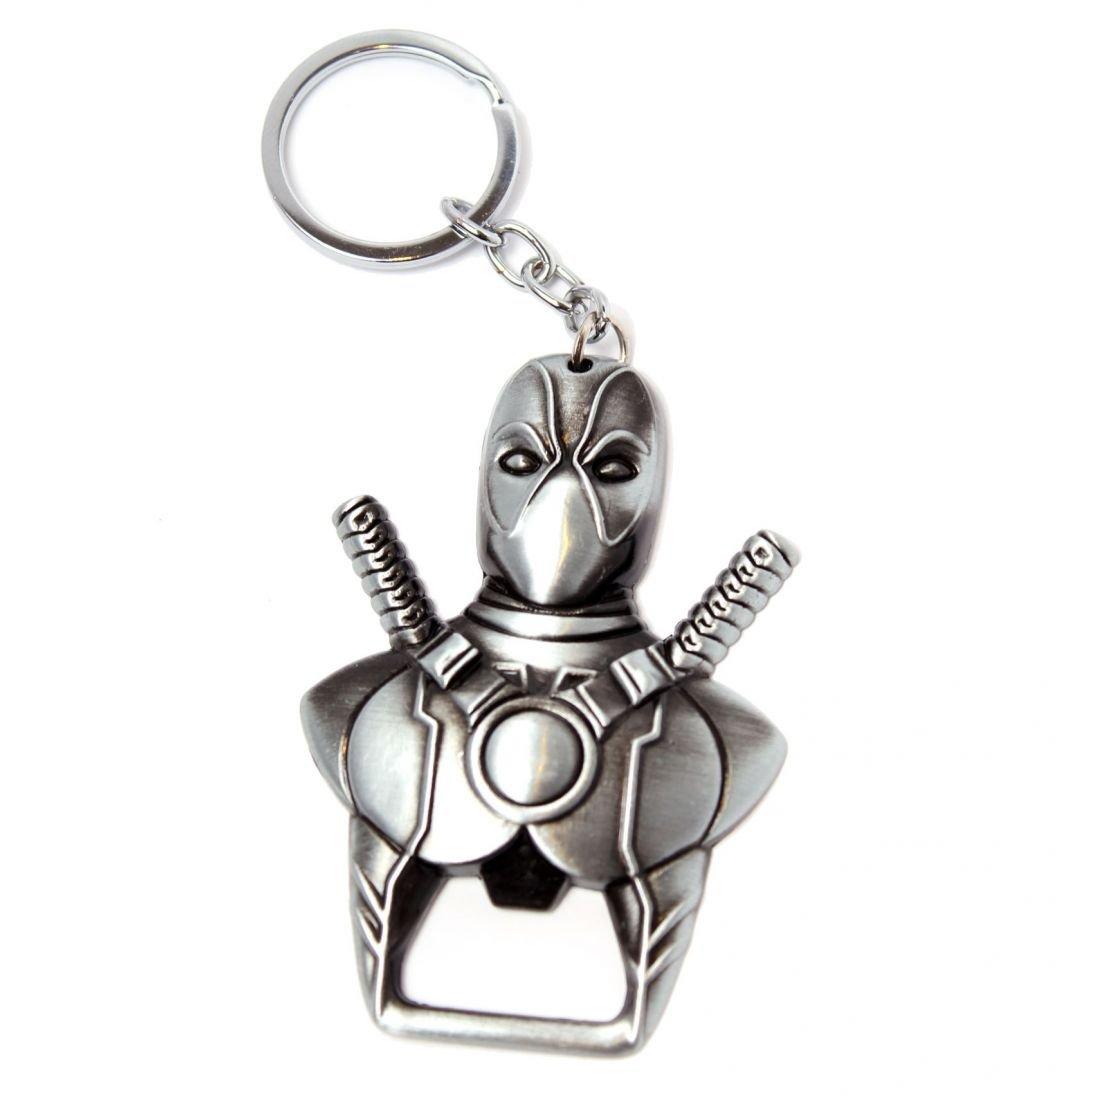 Amazon.com: Deadpool Bottle Opener Keychain by Deadpool: Beauty